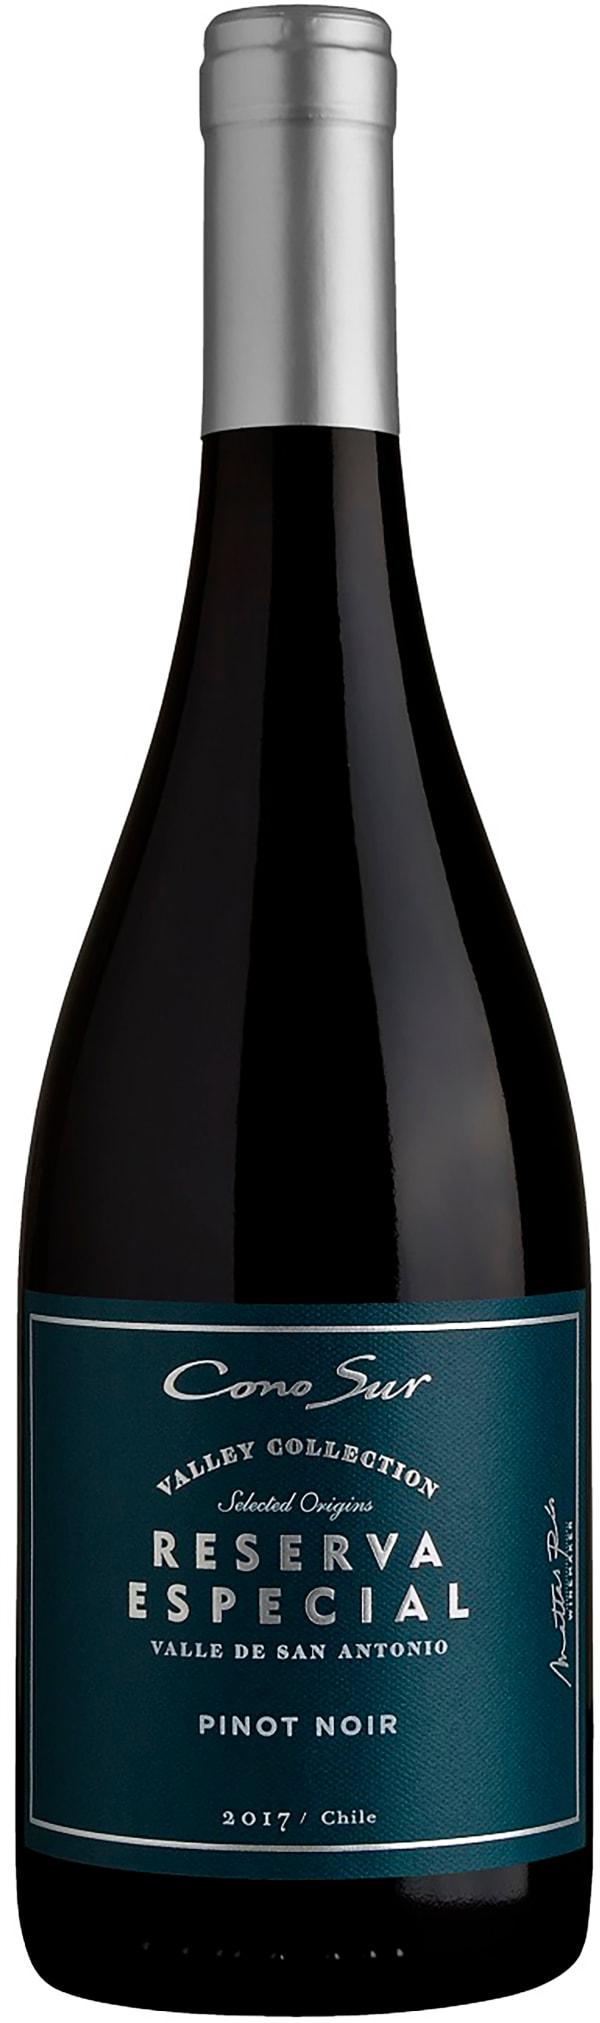 Cono Sur Reserva Especial Pinot Noir 2016